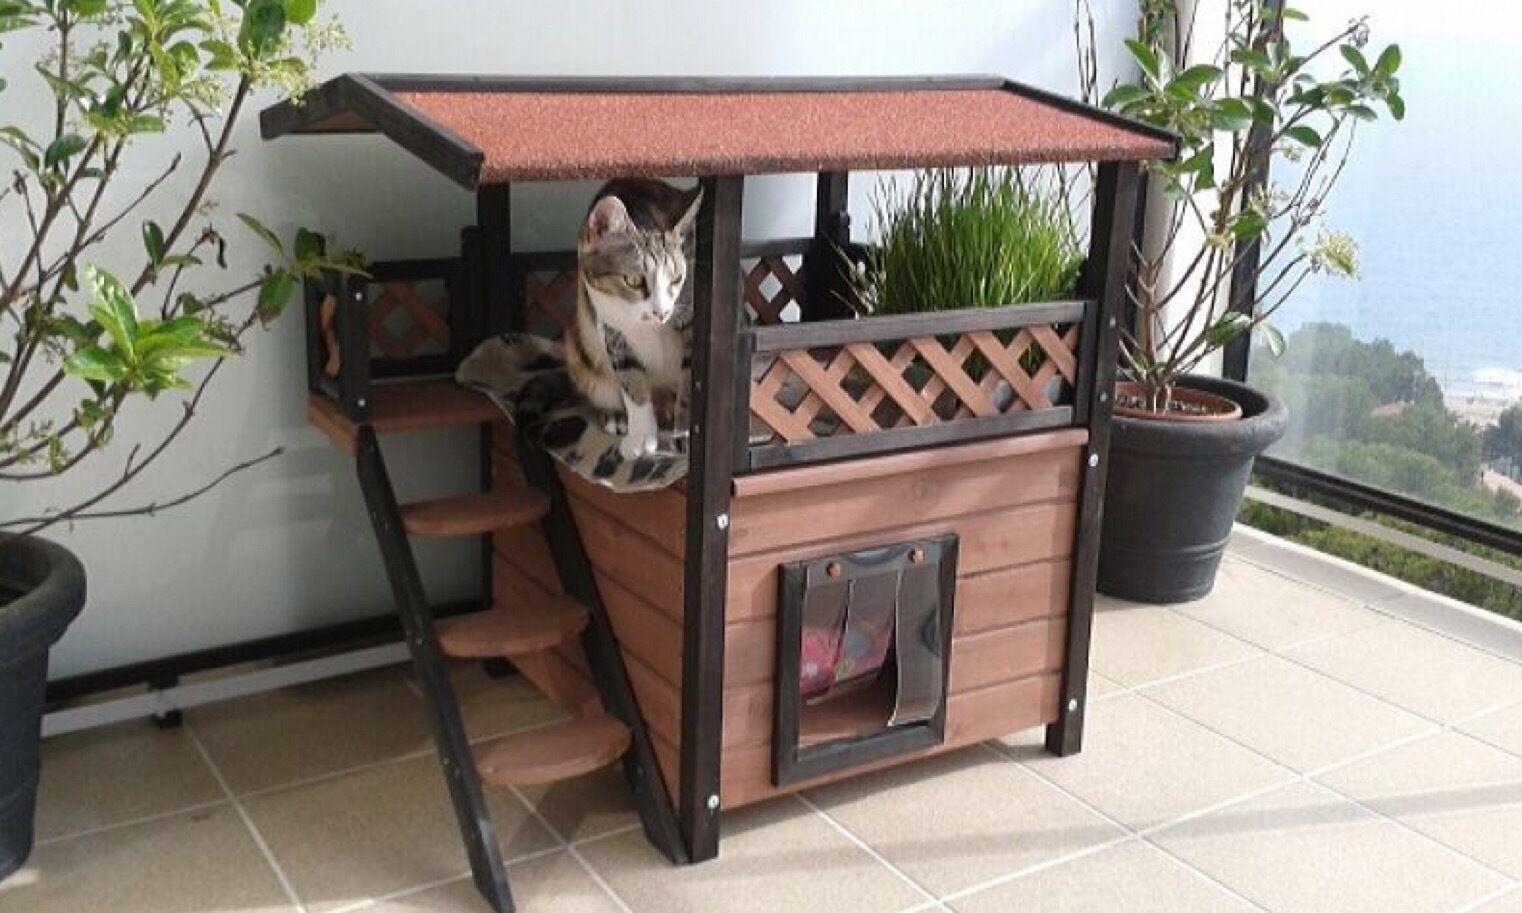 Outdoor Pet Den Cat Garden House Wood Winter Shelter Small Dog Kennel Rabbit